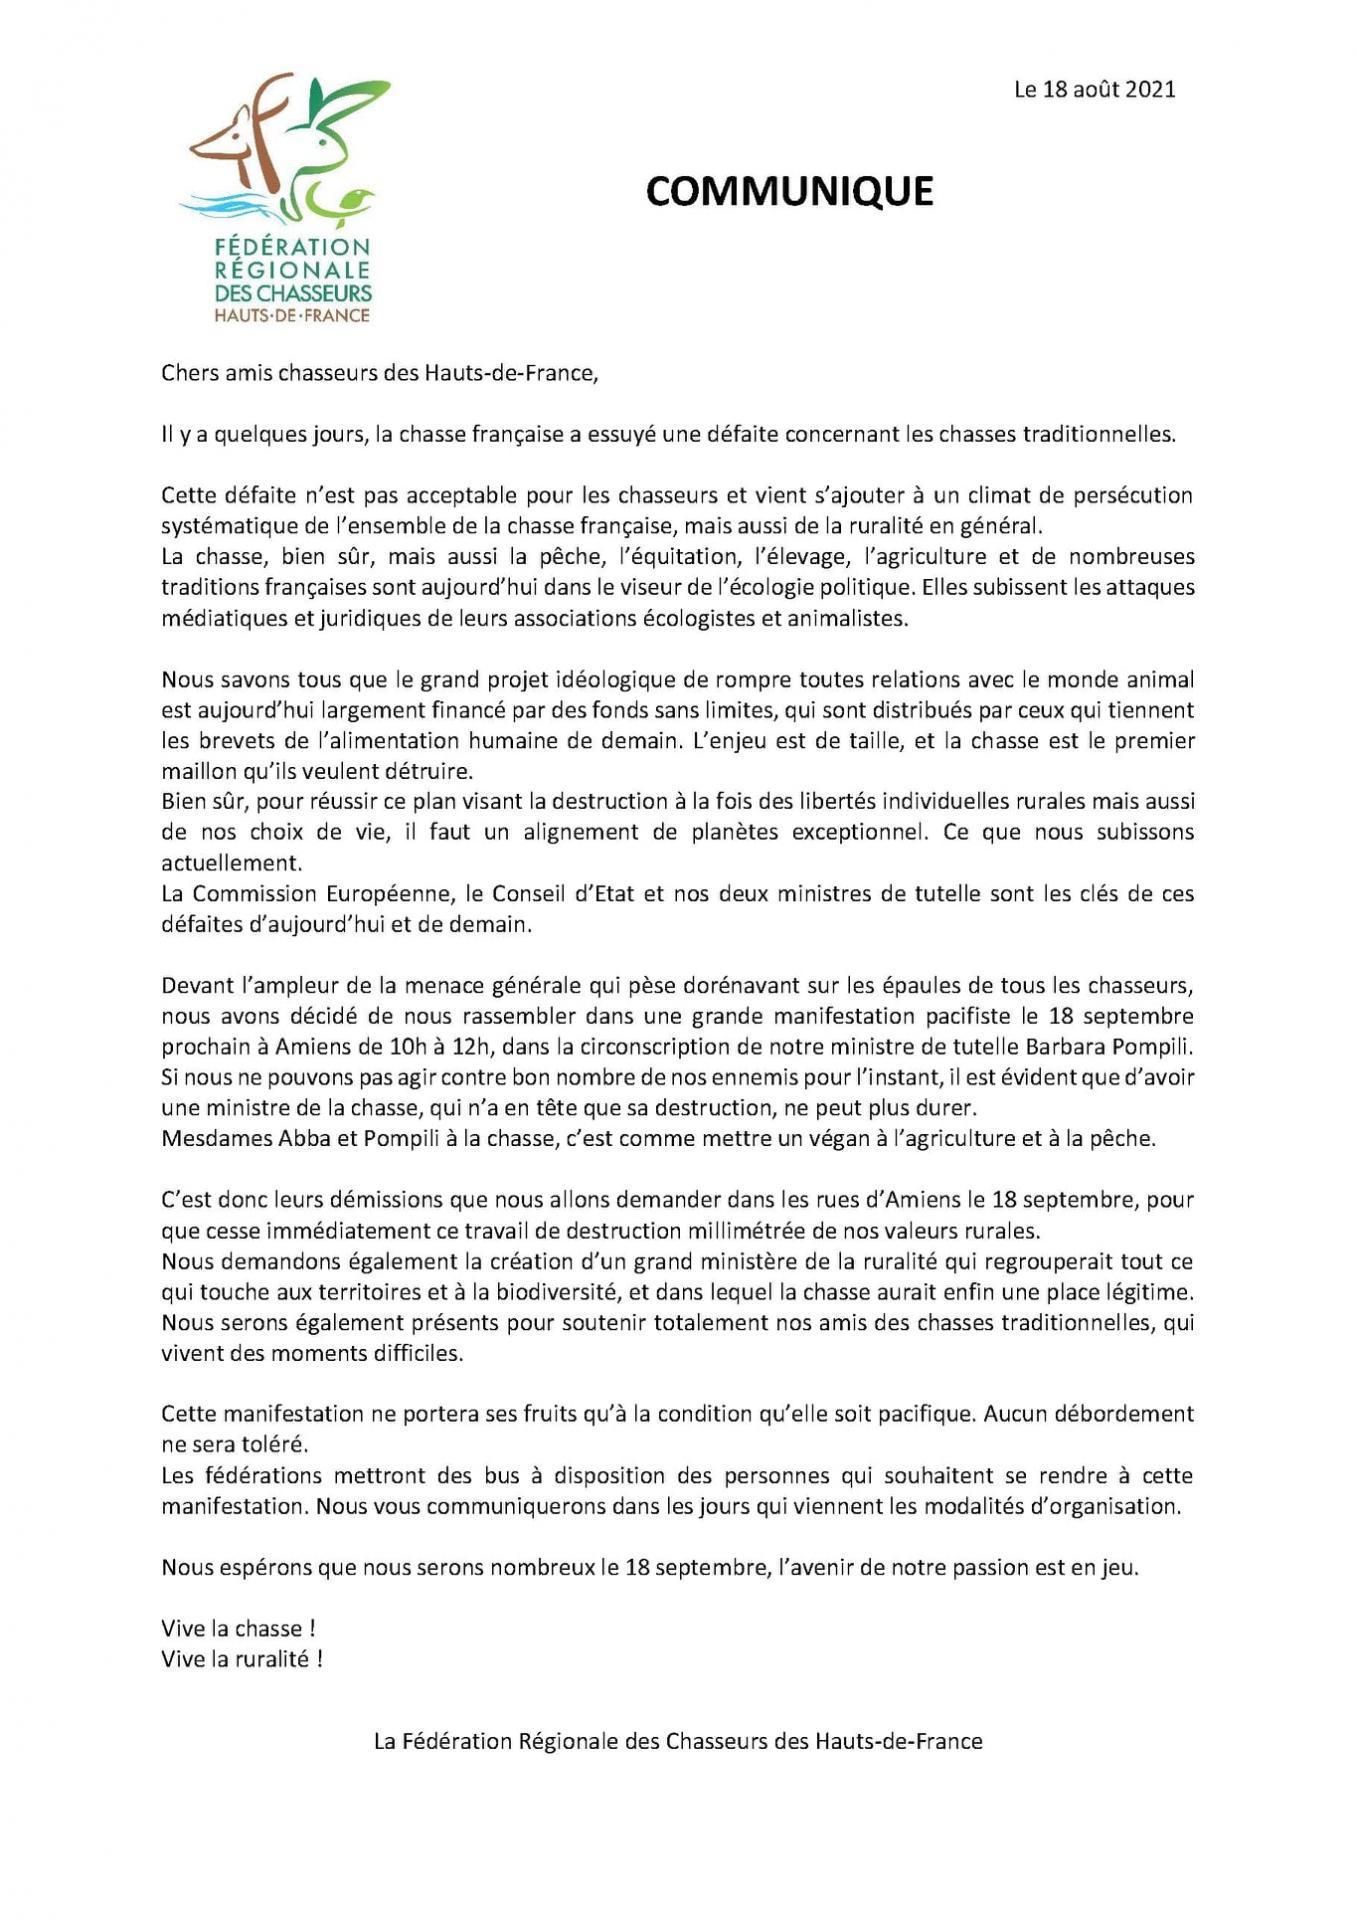 COMMUNIQUE DE LA FRC HAUTS DE FRANCE